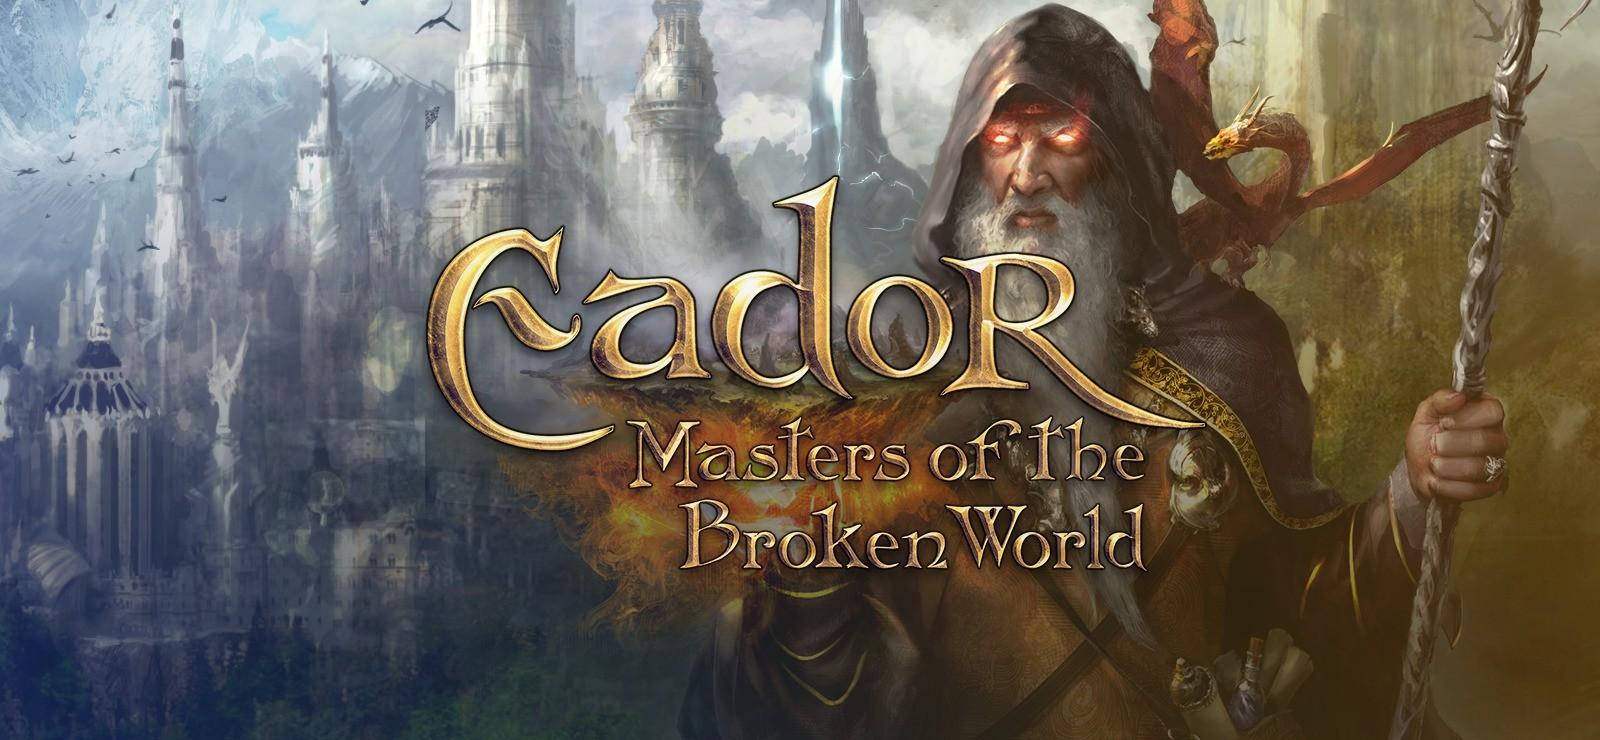 Эадор - сотворение владыки миров